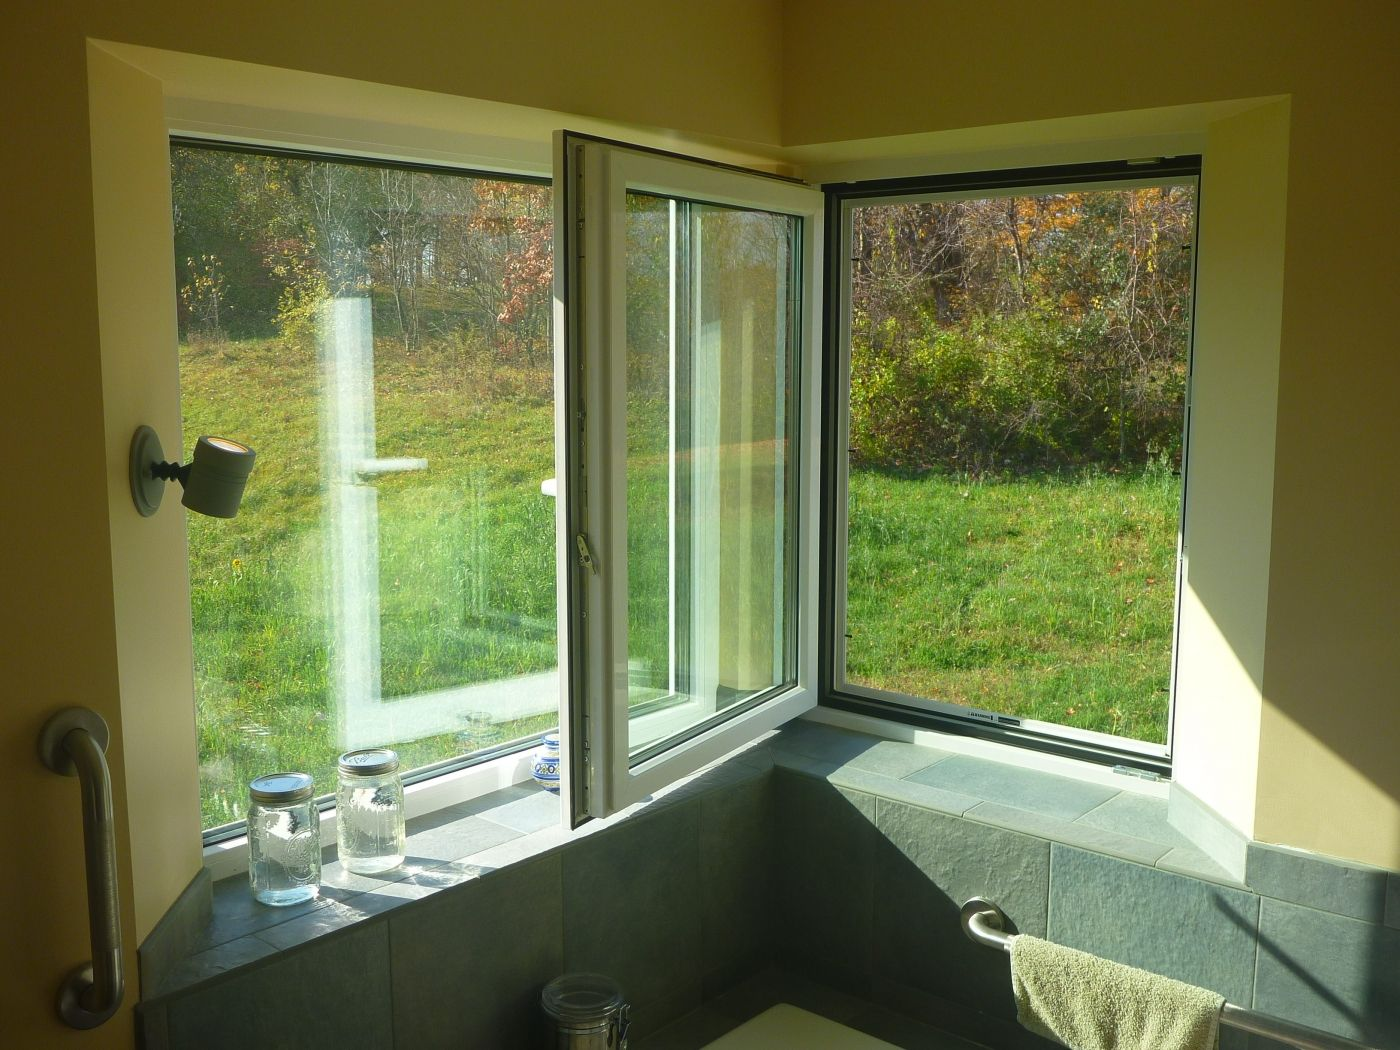 Tilt Open Window : The european style tilt turn windows open inwards